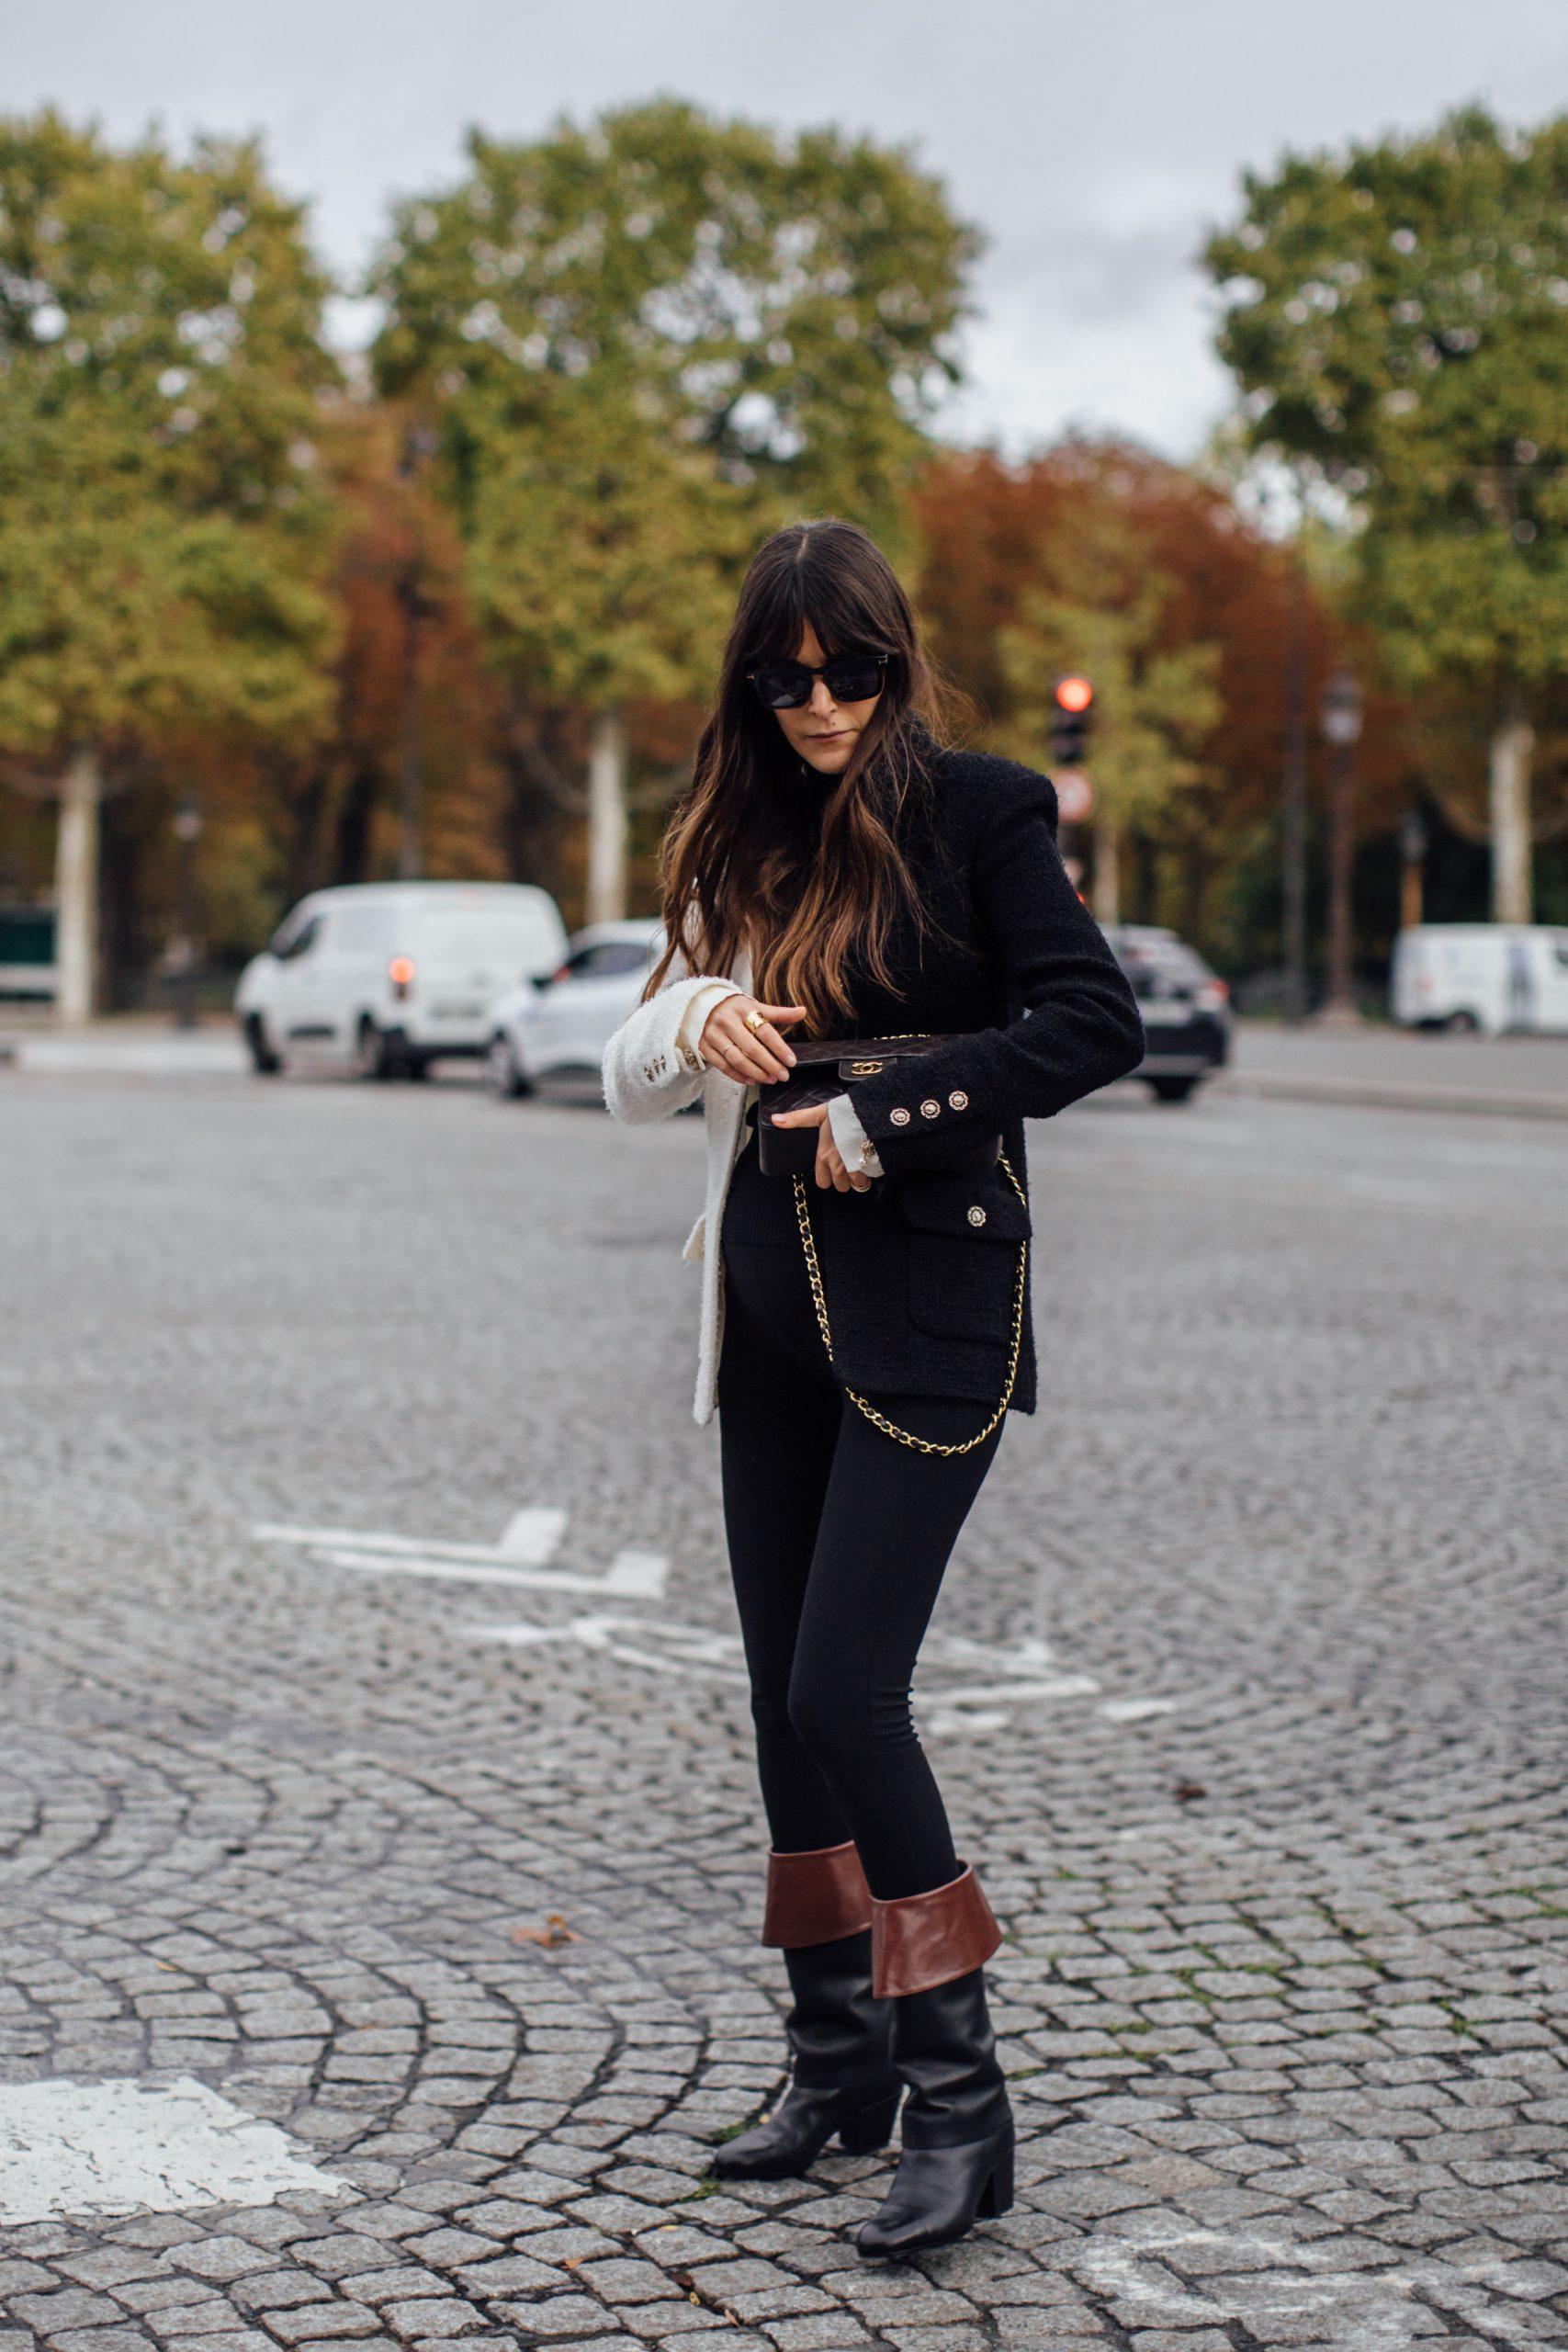 Botas tendencia, Chanel